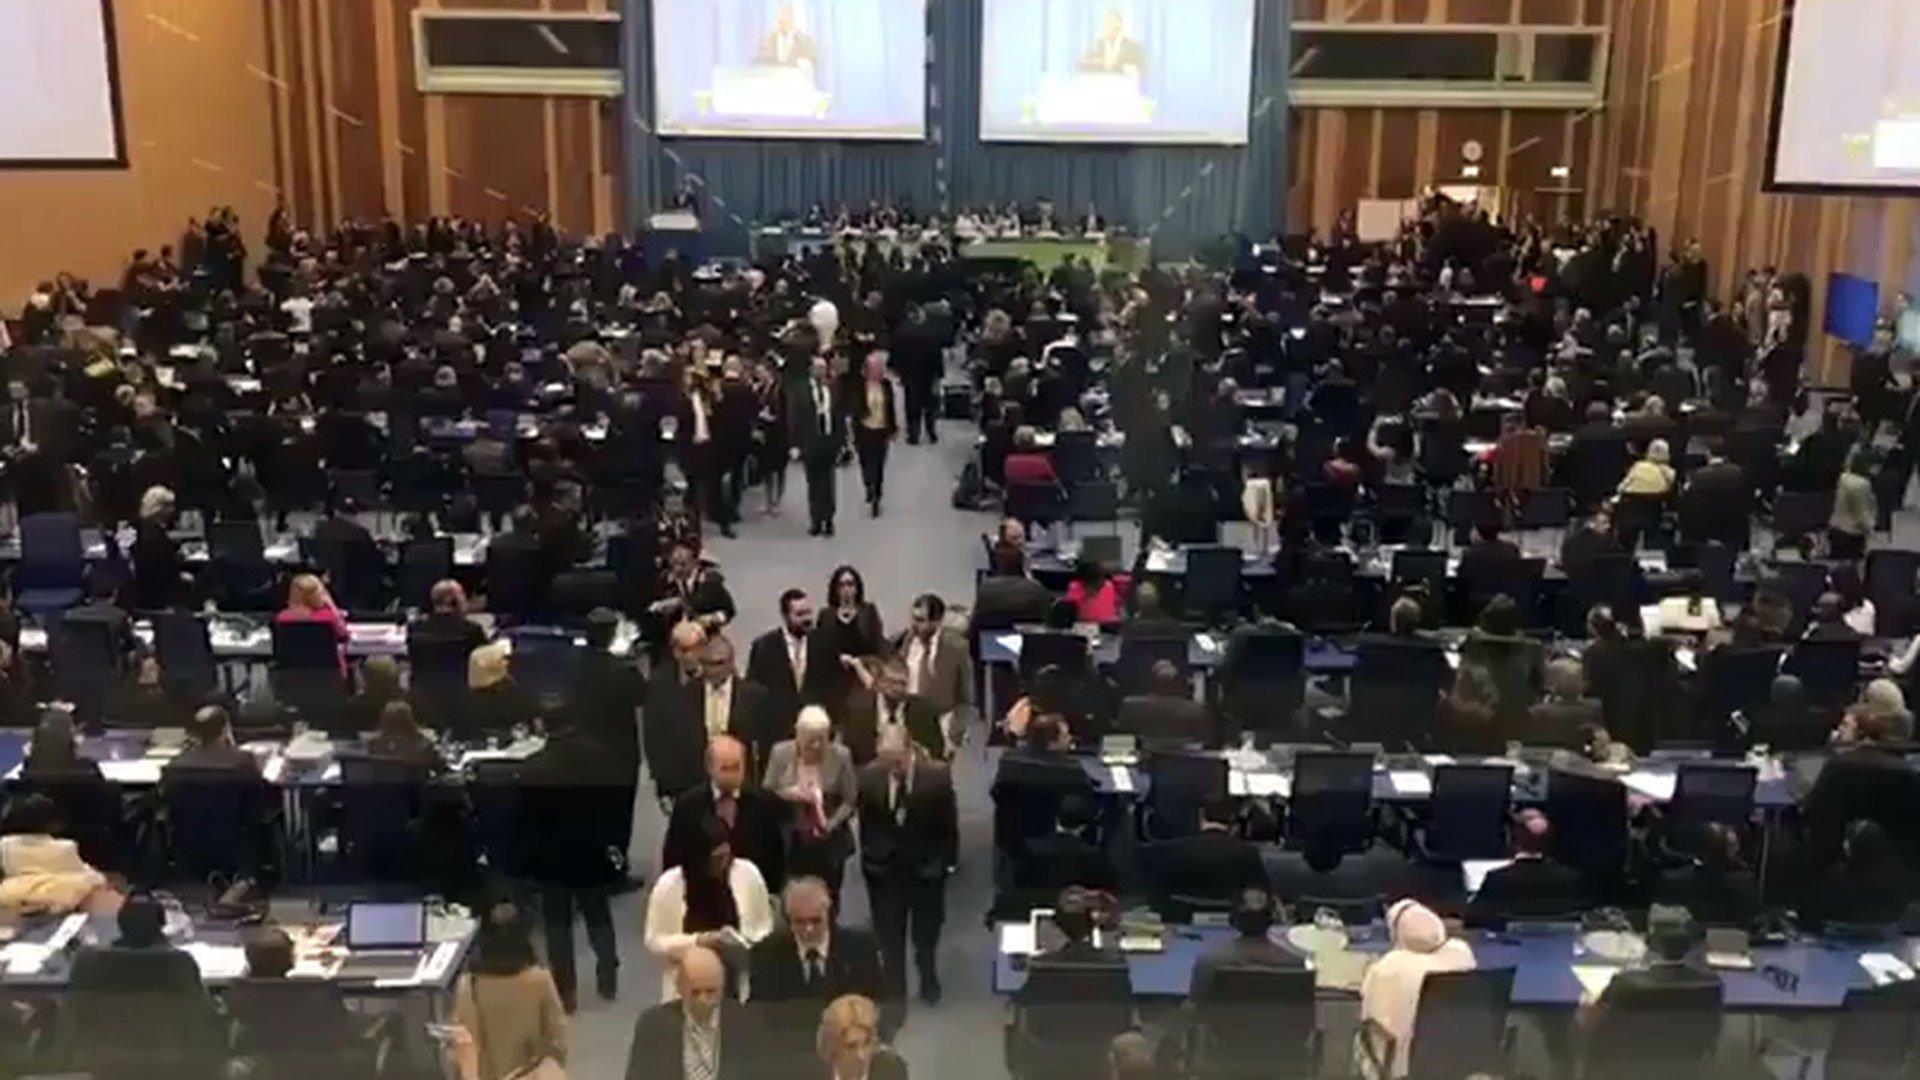 El solitario discurso de la dictadura chavista en la ONU: representantes se levantan cuando habla el canciller